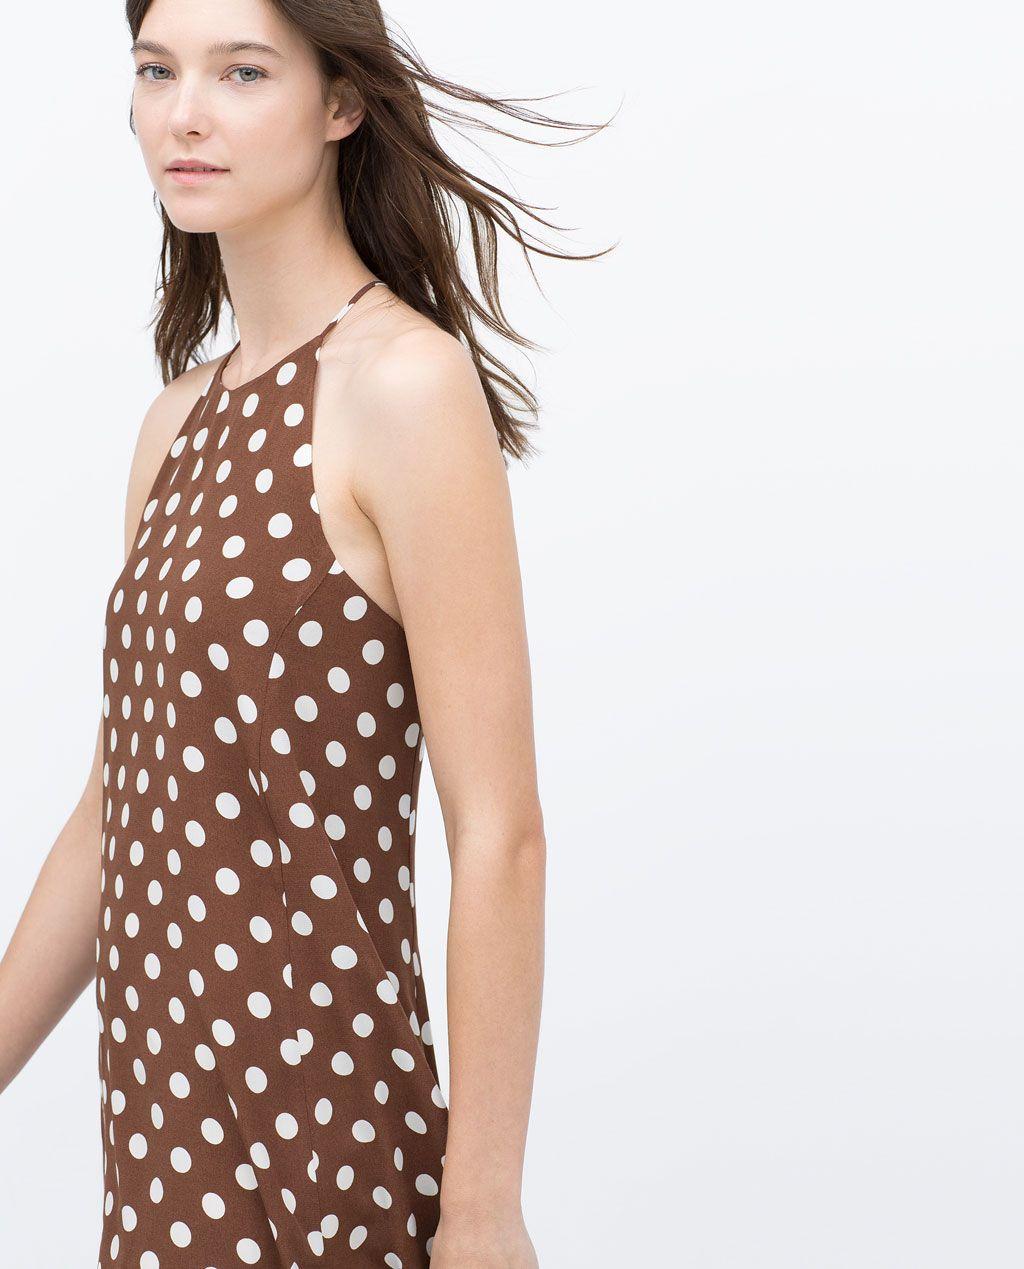 Pin von Sara Mieiro auf Vestir(to dress)  Kleider für